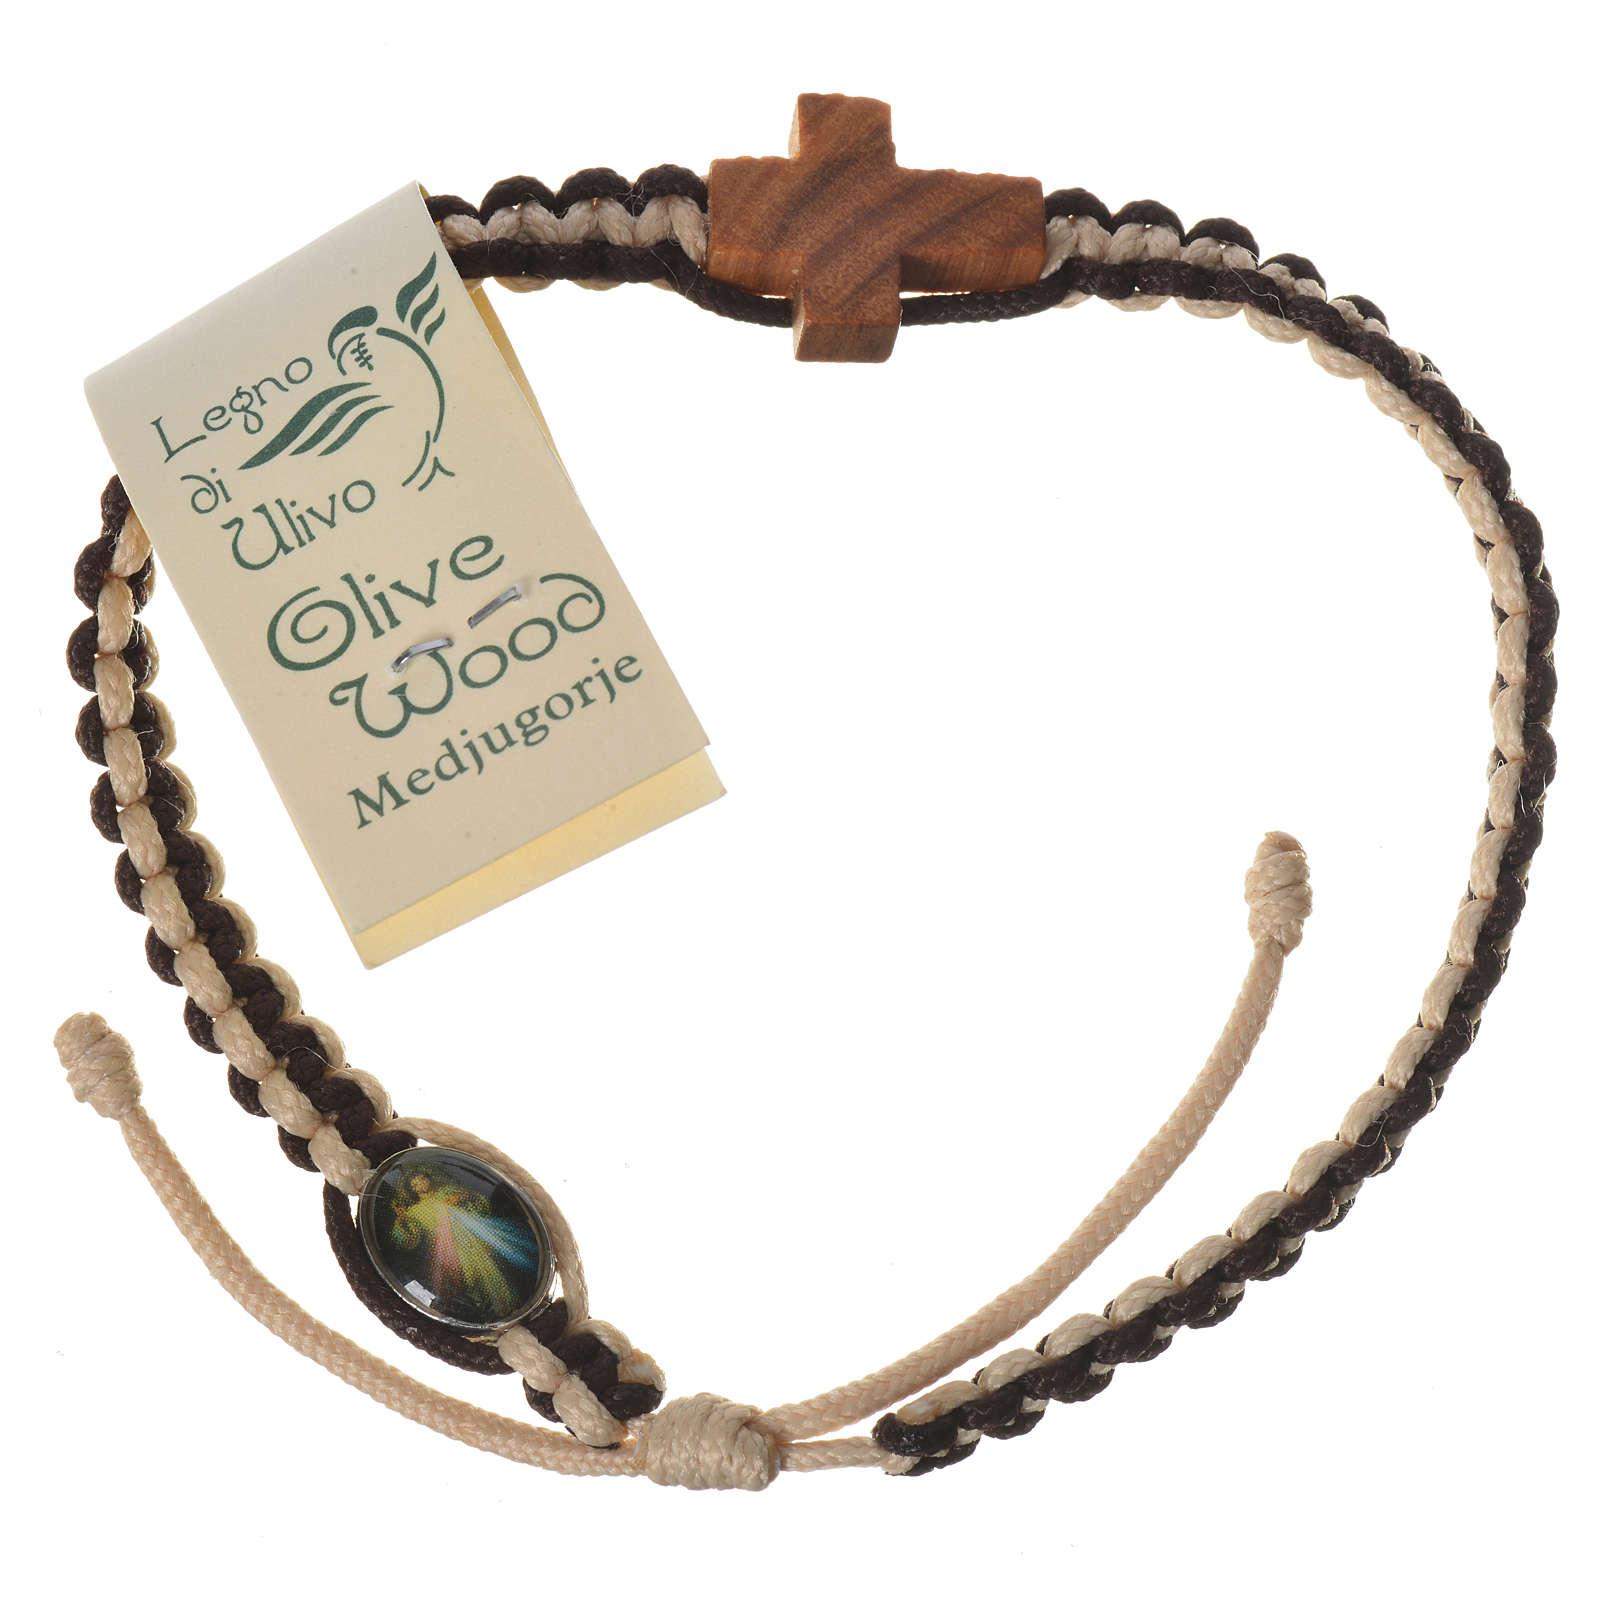 Bracciale corda bianco marrone Medjugorje croce olivo 4